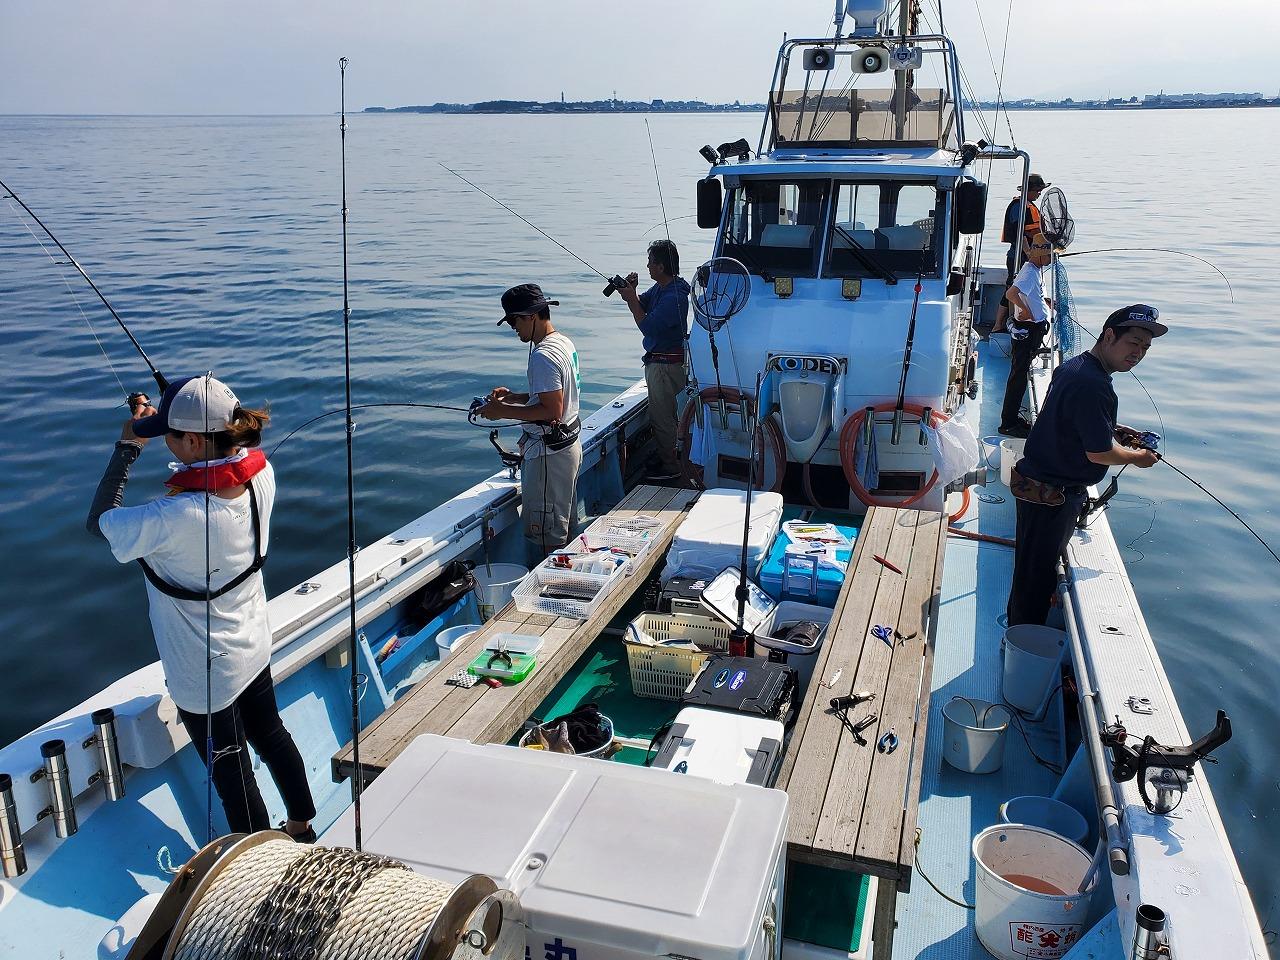 超がつくほど高級魚!オスカー釣り部 「アラ」 釣りへ行ってきました!の画像